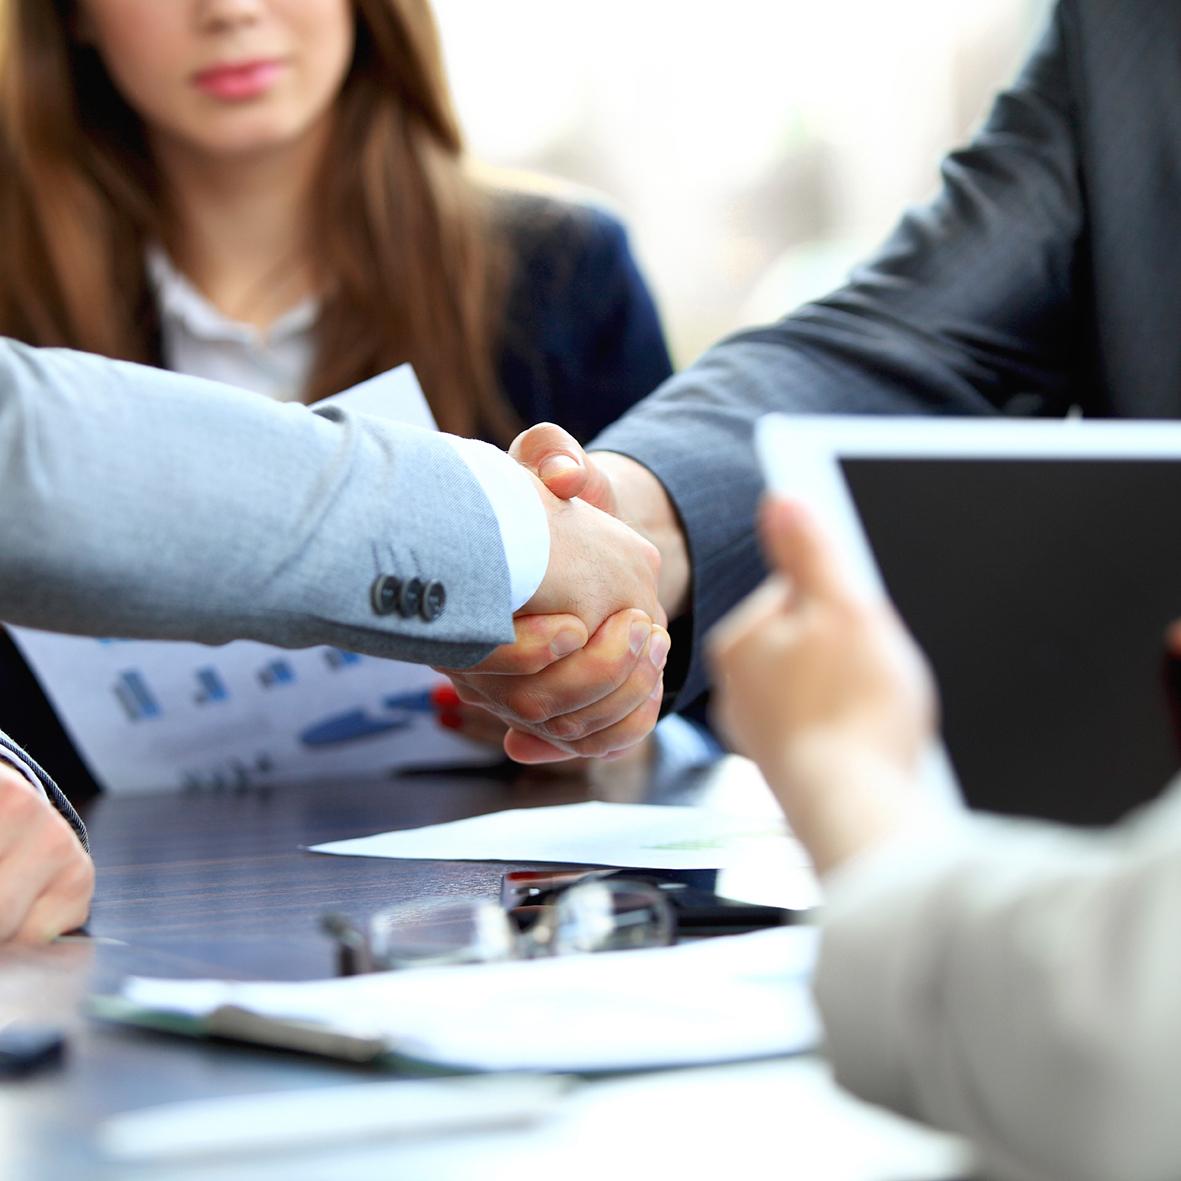 BERATUNG  Ein guter Ratgeber nennt Probleme beim Namen und schlägt Lösungen vor. Genau das ist der Anspruch unserer PR-Berater    >m  ehr Informationen